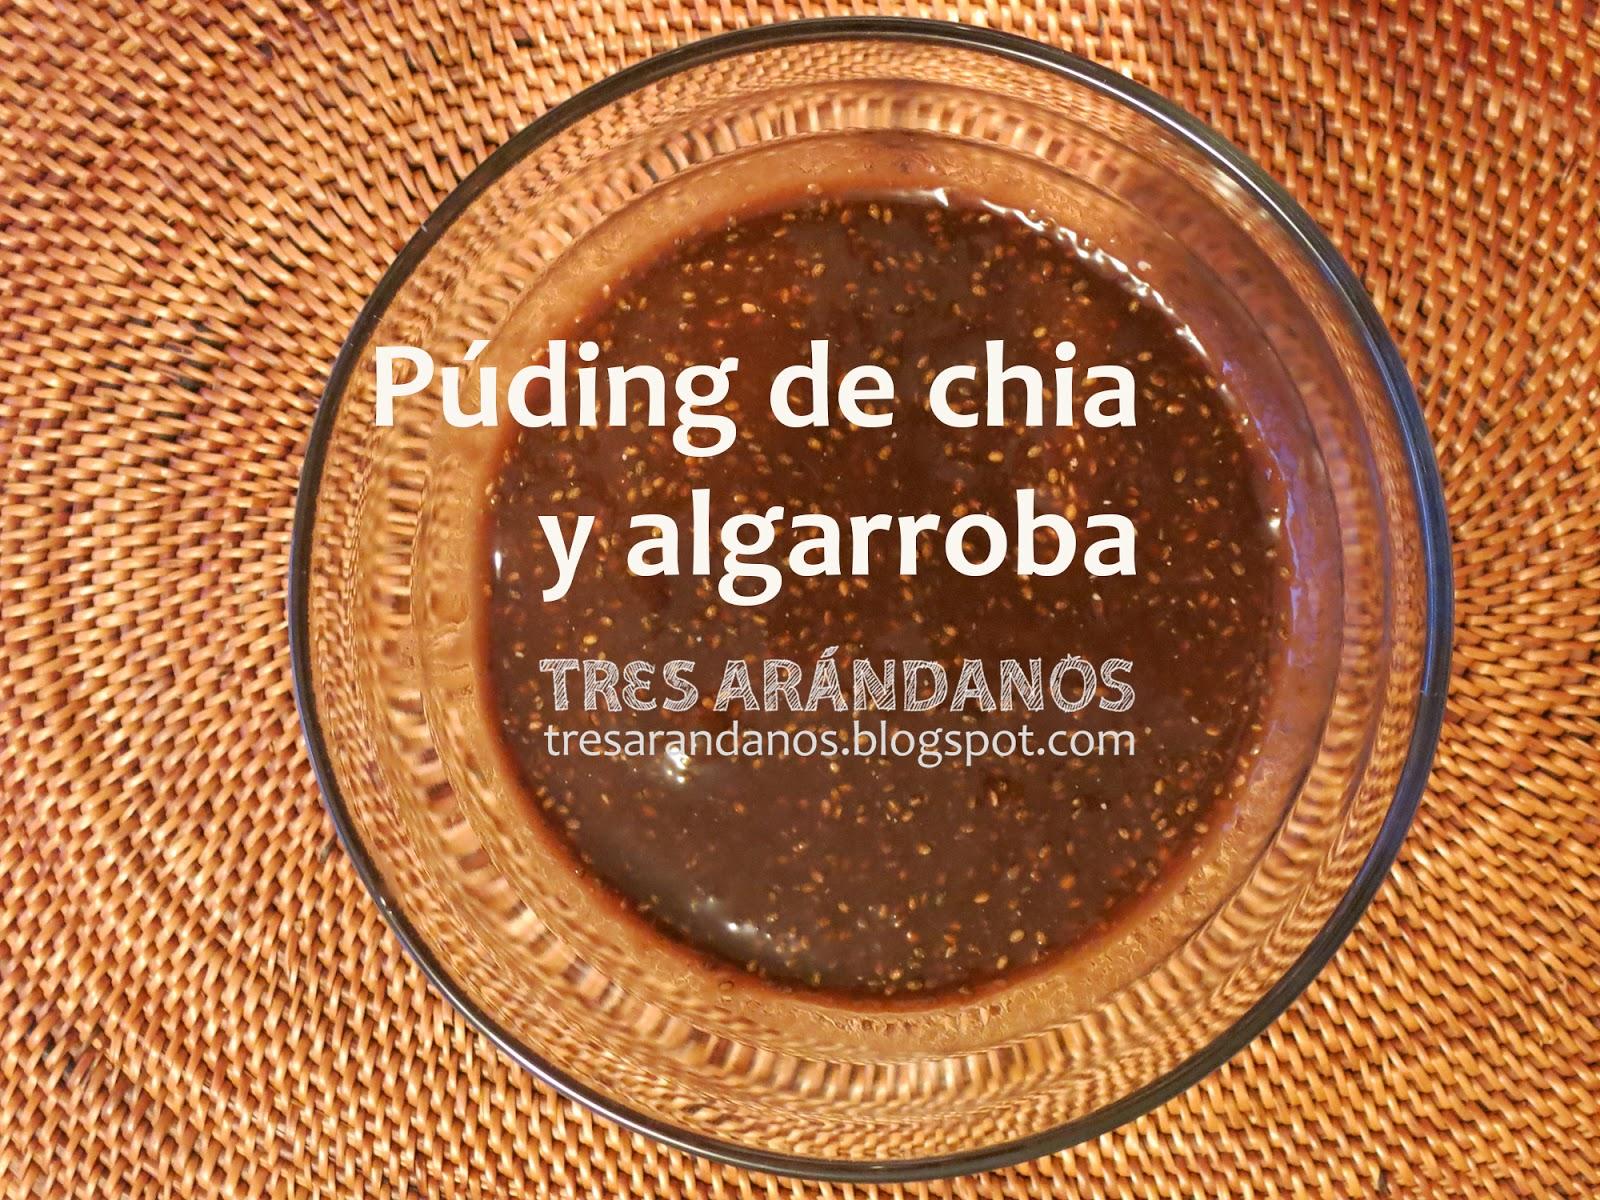 pudding de semillas de chia y algarroba